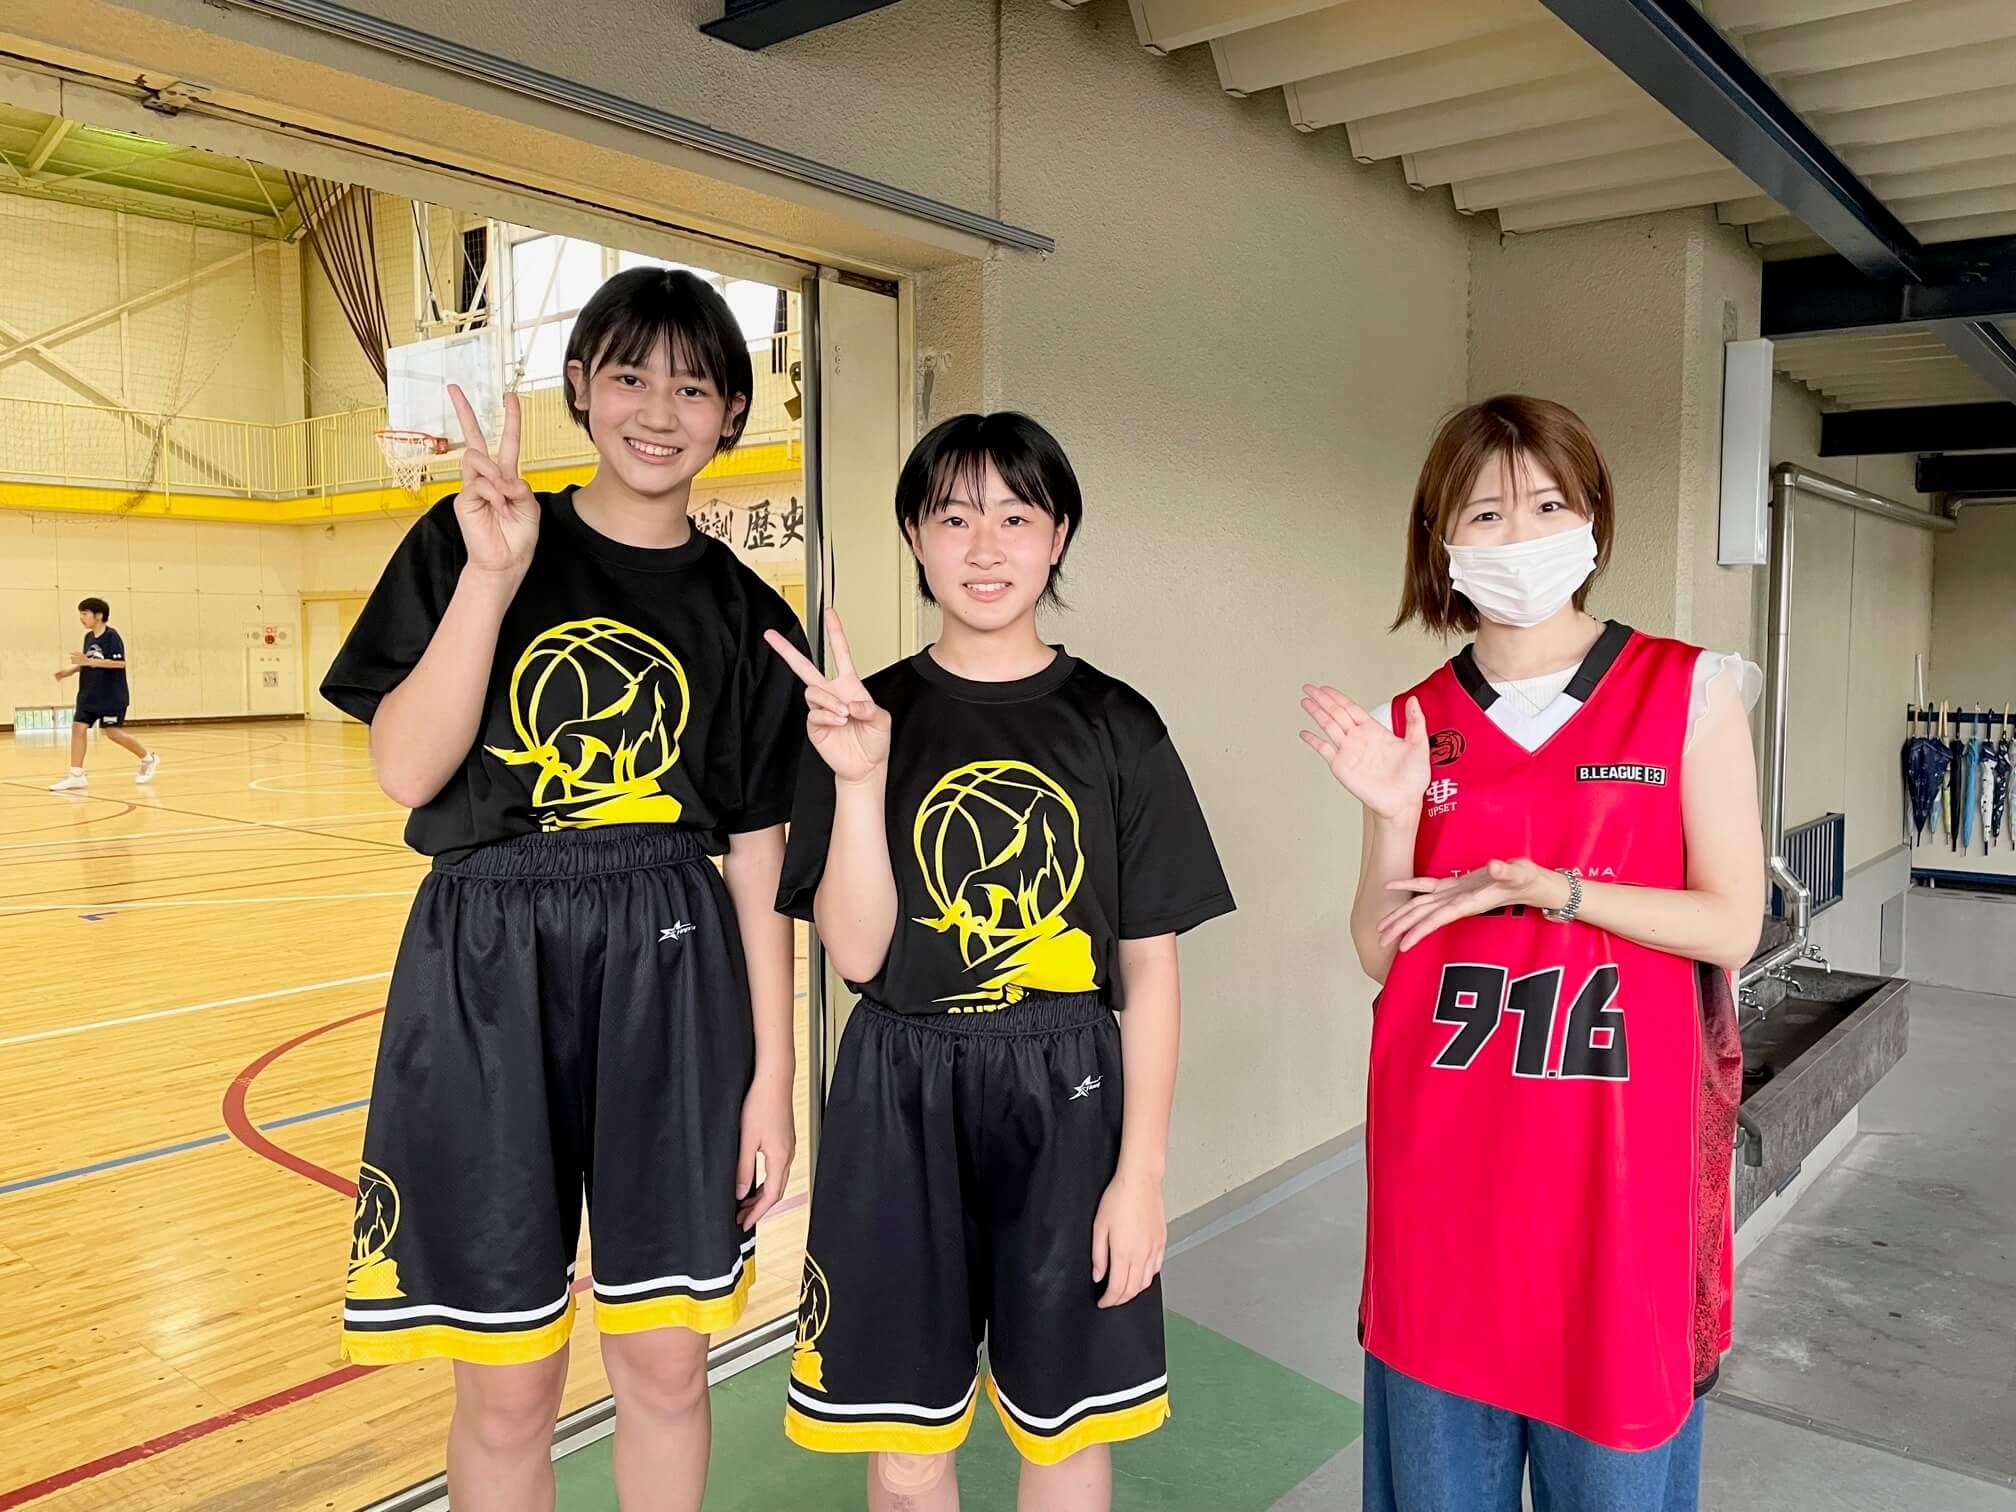 一番モテるのはサッカー部!? さいたま市立大原中学校女子バスケットボール部を取材!「New Stars」#7(7月18日放送分)